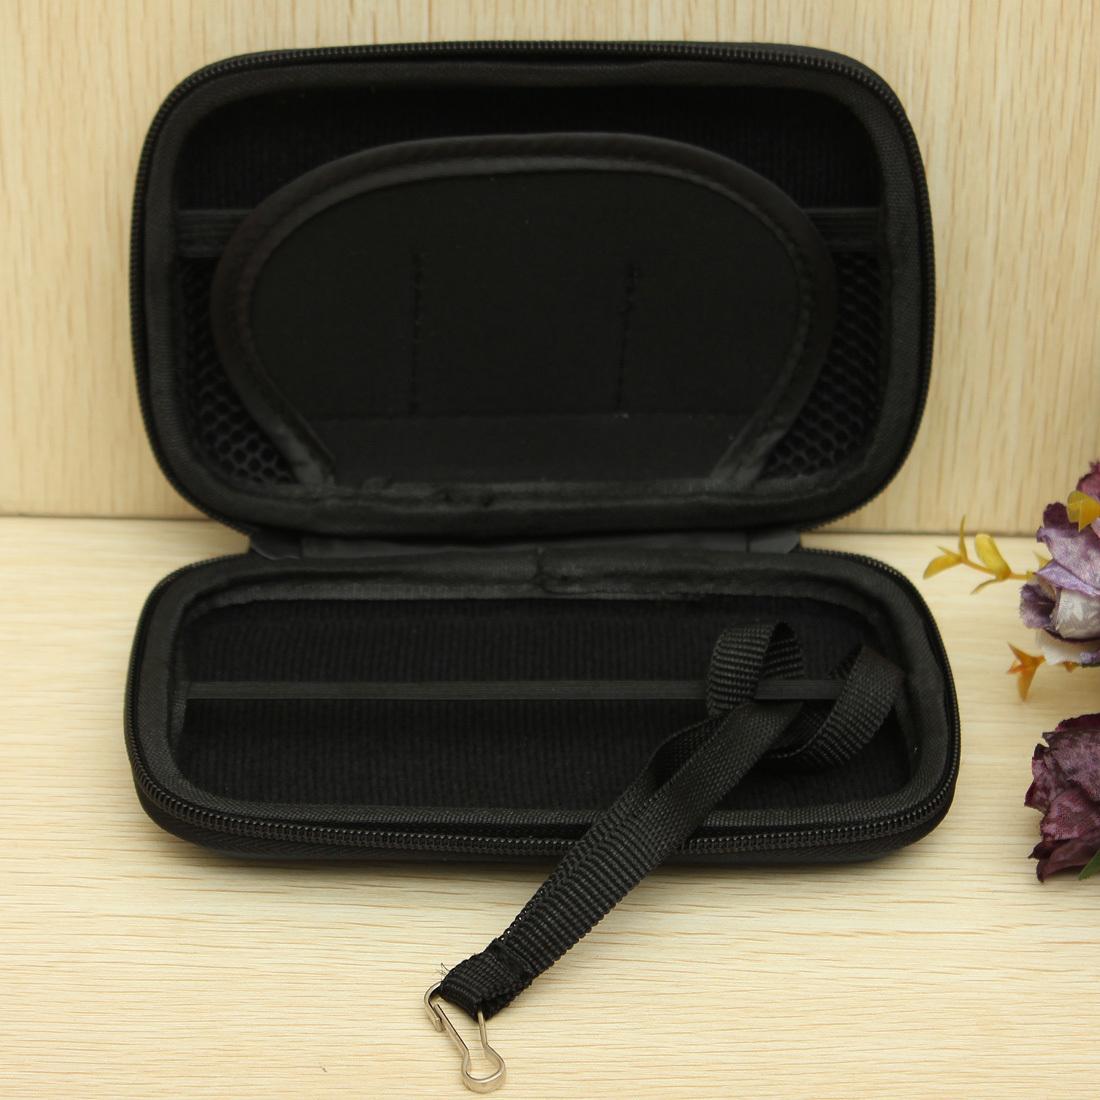 6,35 cm Hard Disk eksternal HDD penutup pelindung harddisk tas kantong Case bawaan .